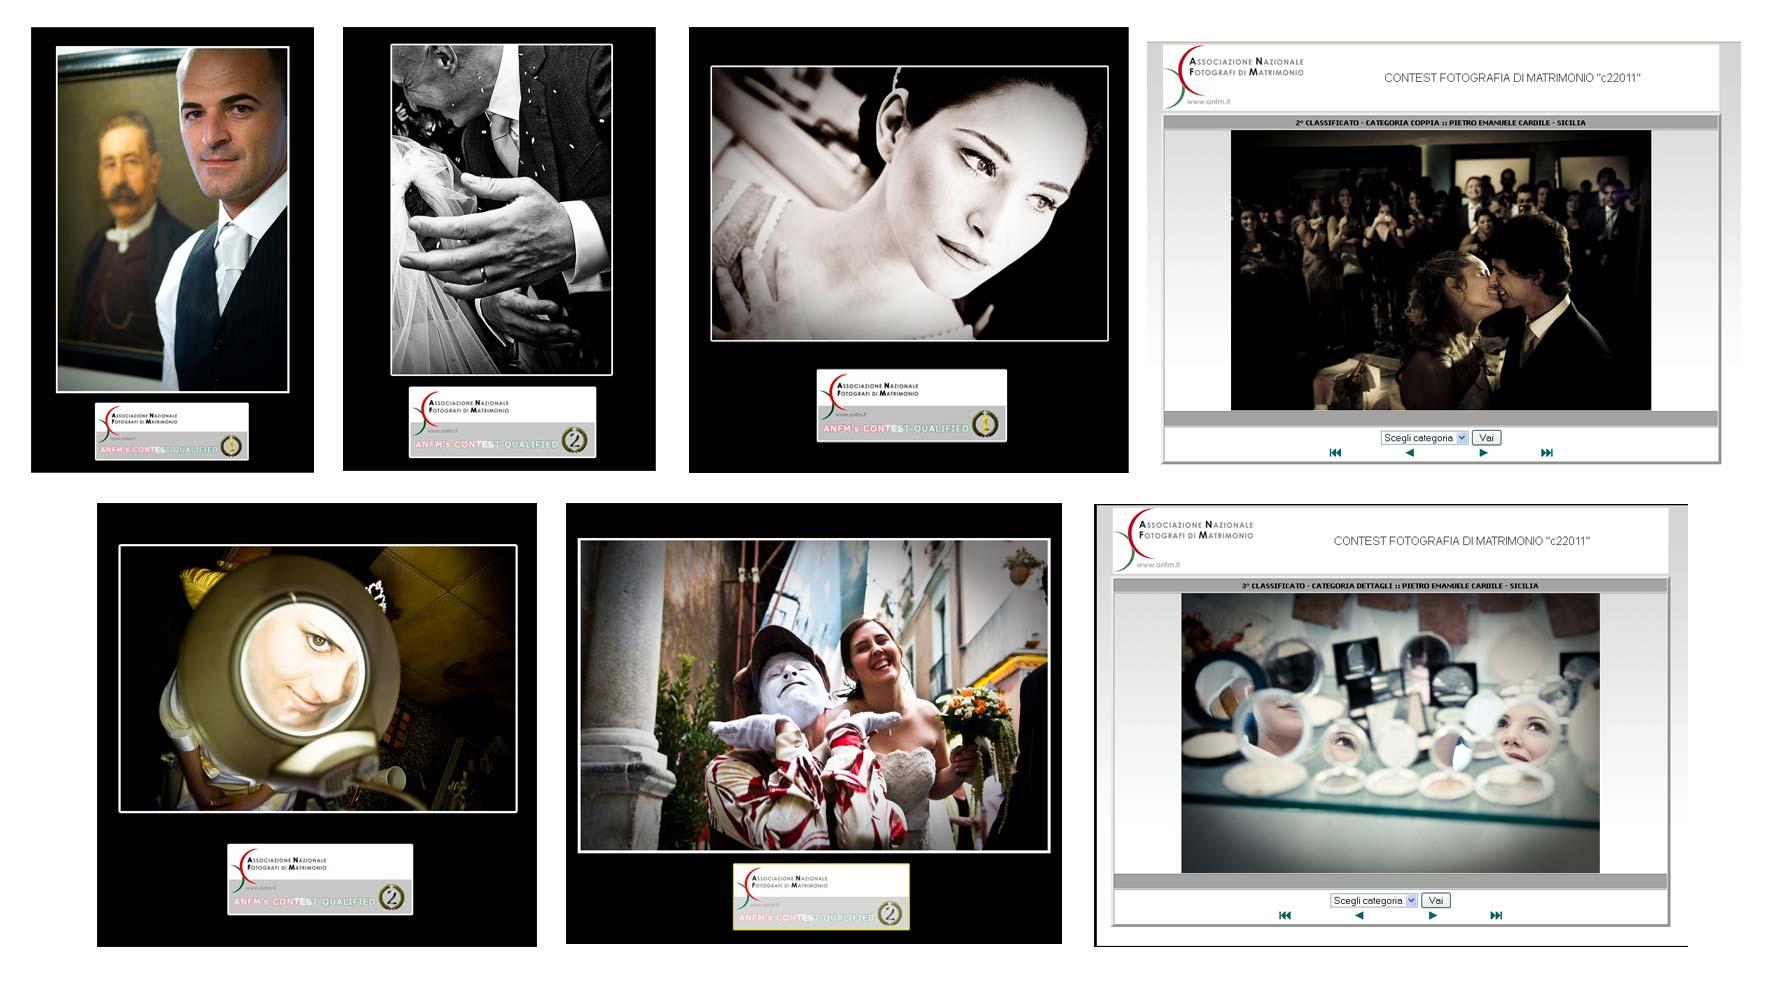 premi contest fotografia-contest fotografia nazionale-premivinti.topphotographer-ilmigliorefotografodimatrimonio